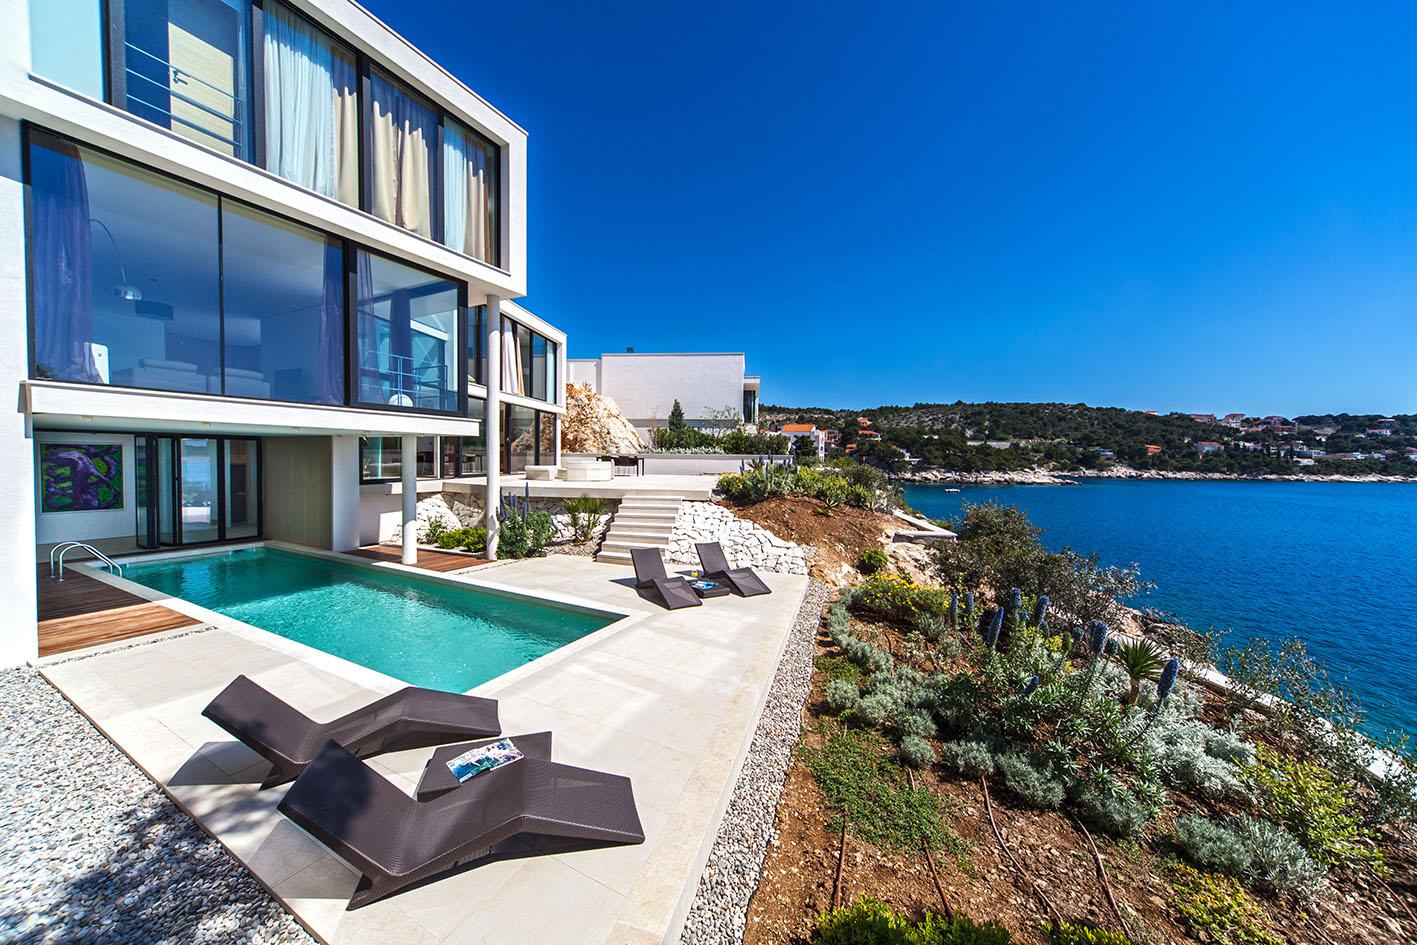 Купить дом у моря за границей жилье на кипре недорого